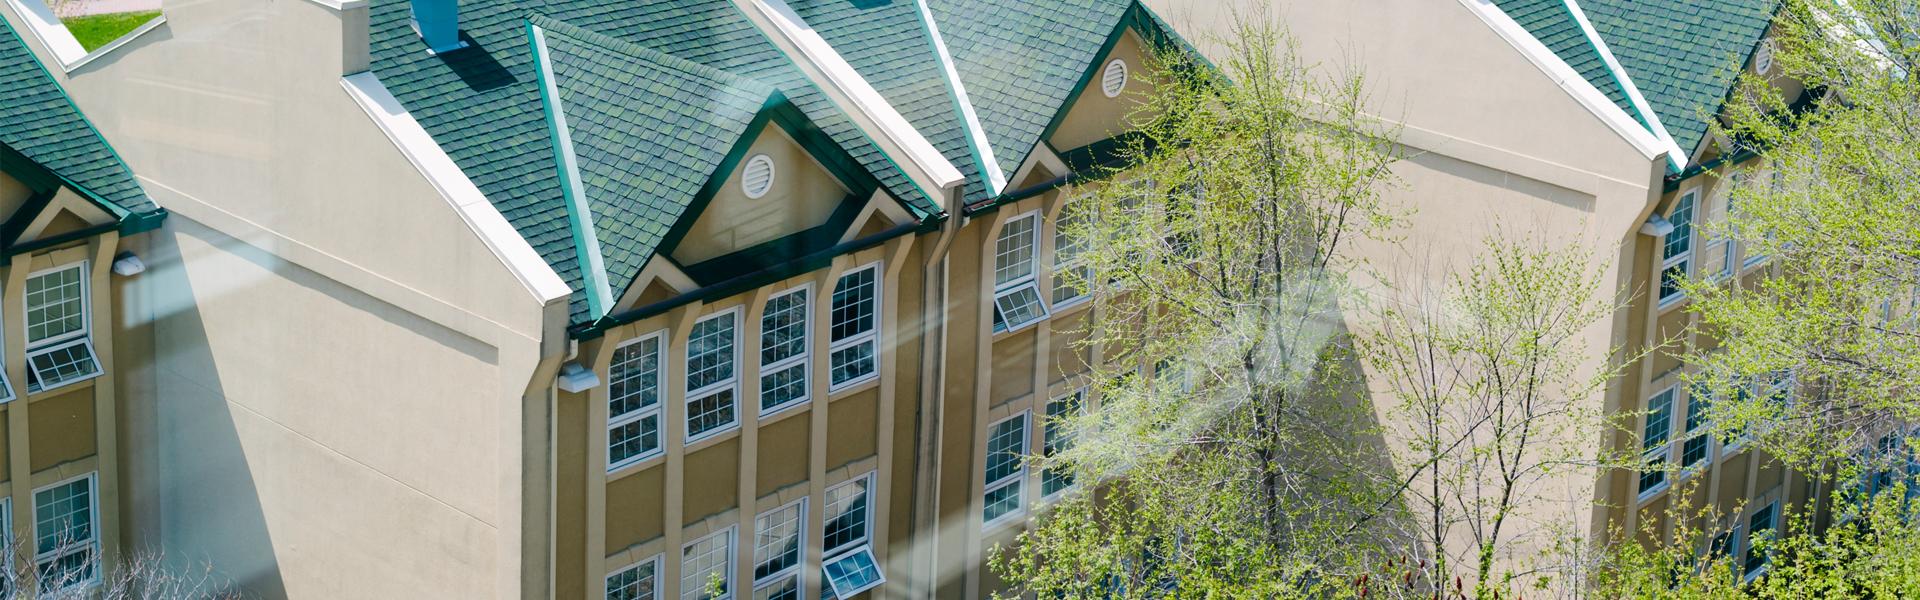 R sidence de l 39 uqo uqo universit du qu bec en outaouais - Residence les jardins de l universite ...